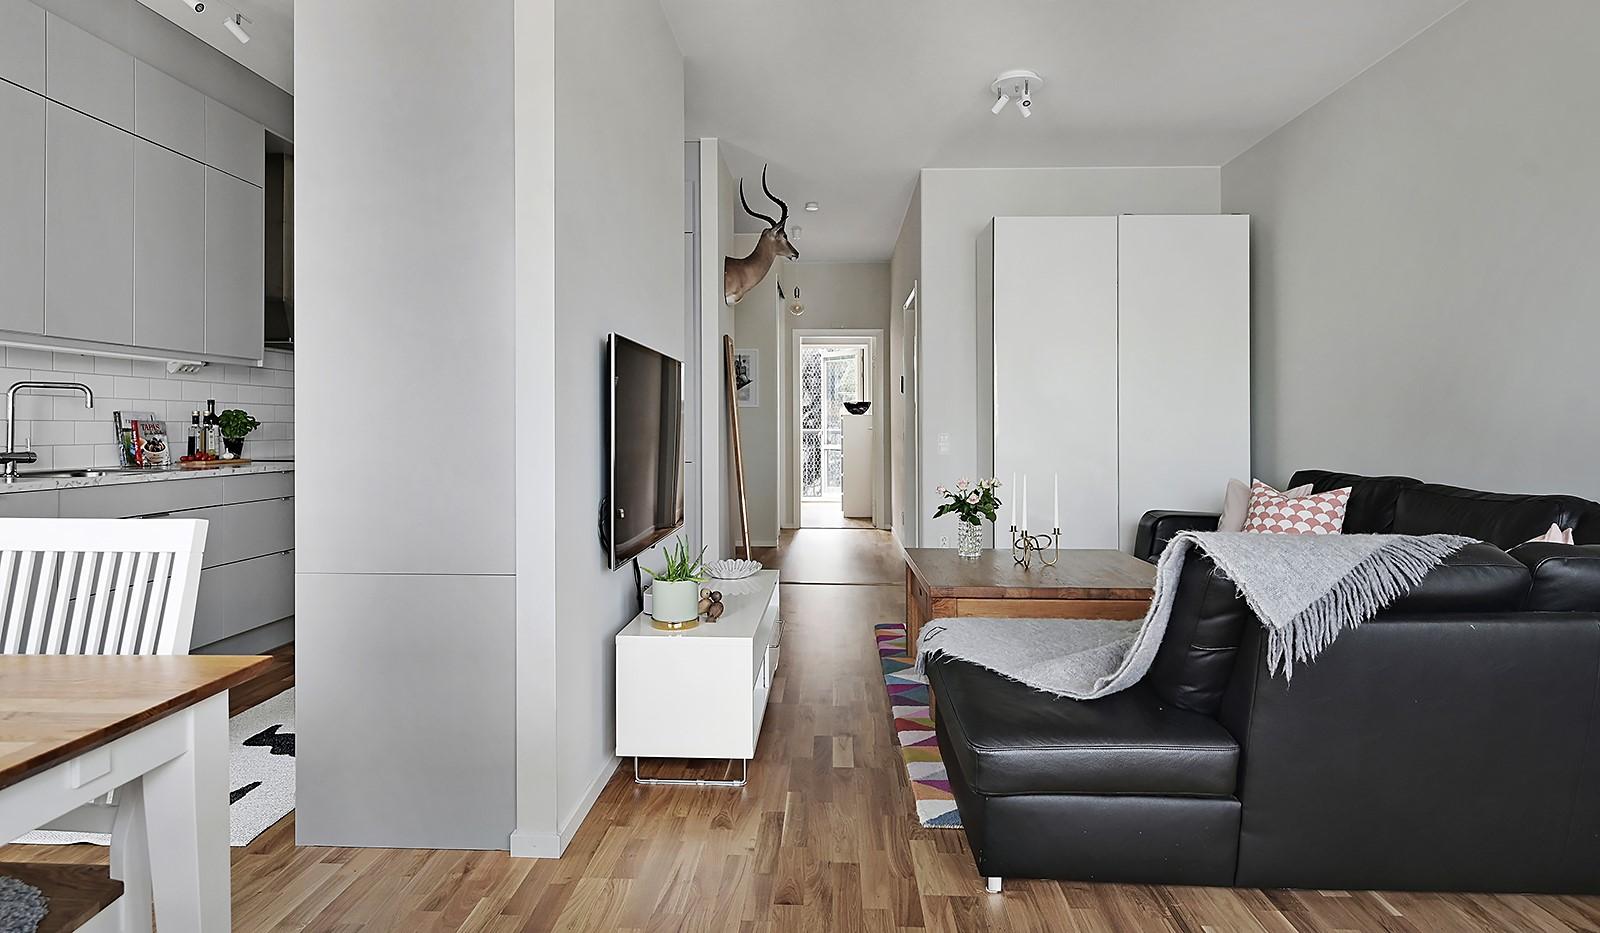 Sjöviksvägen 128, 7 tr. - Kök och vardagsrum är precis lagom avdelat